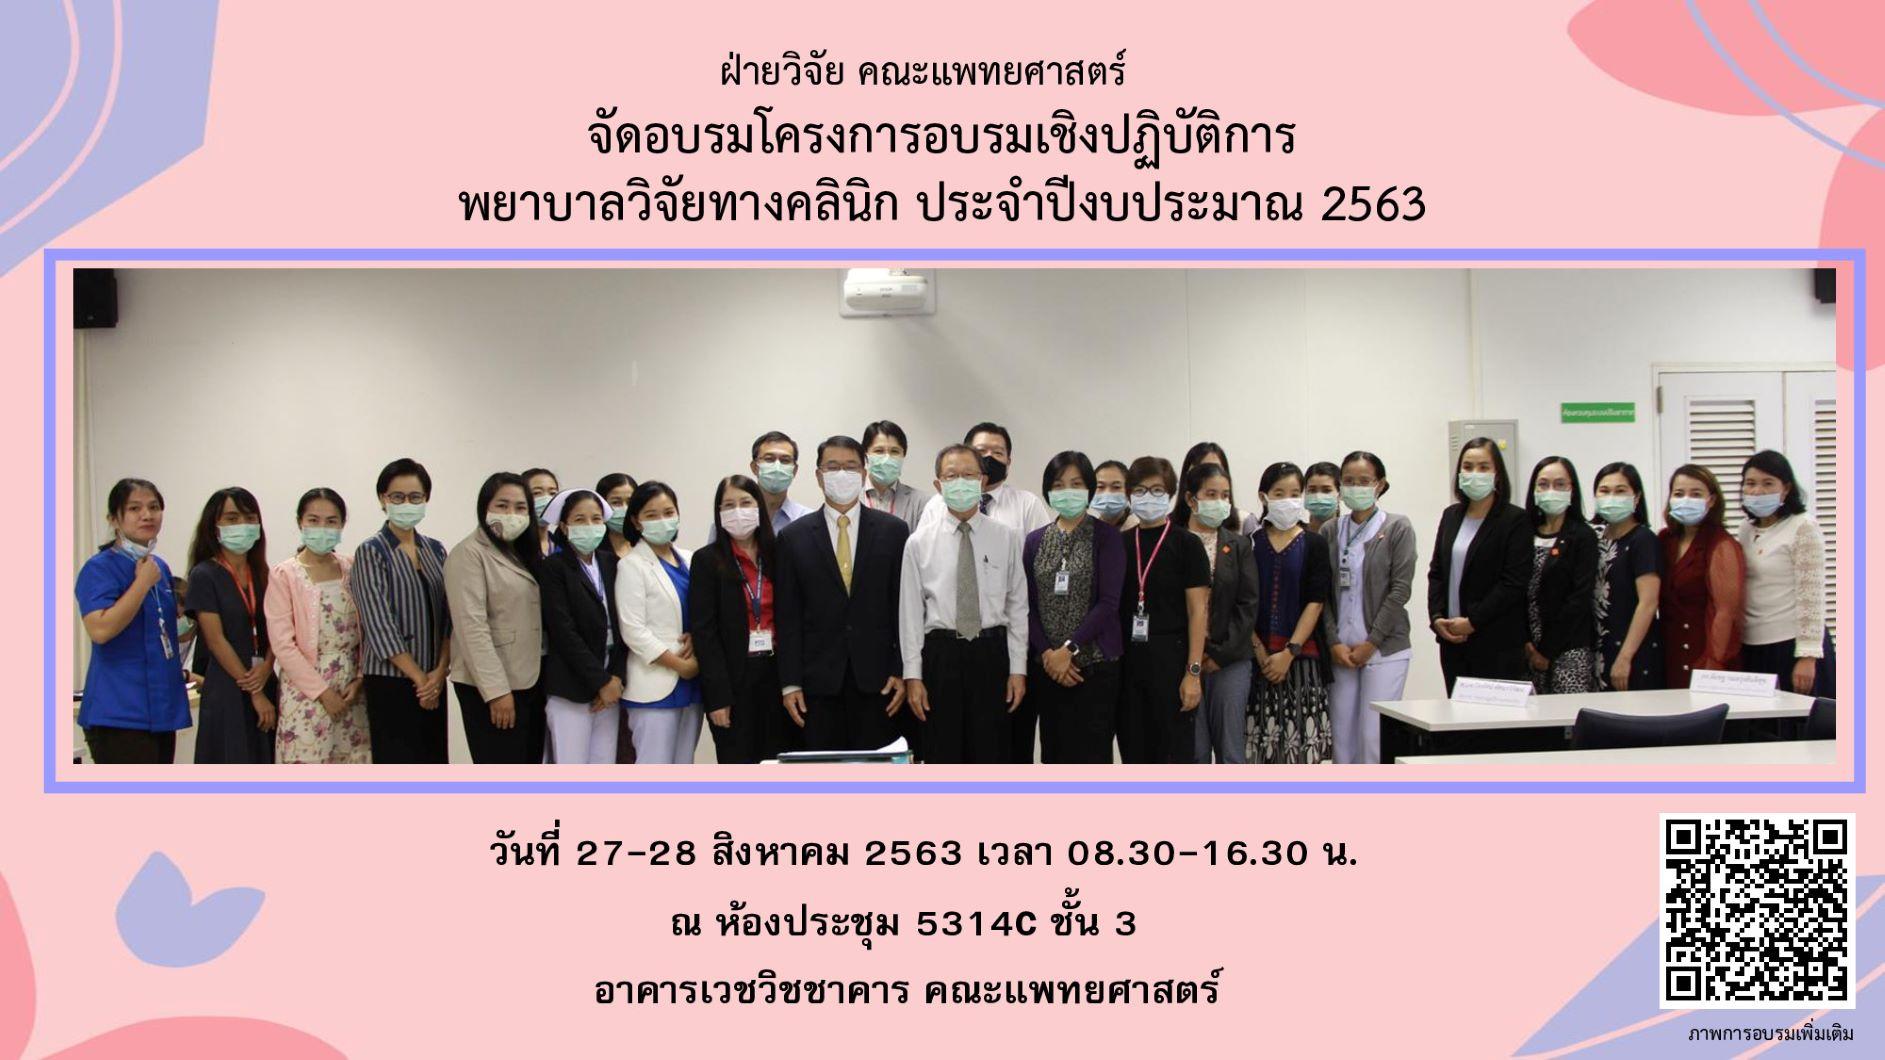 โครงการอบรมเชิงปฏิบัติการพยาบาลวิจัยทางคลินิก ประจำปีงบประมาณ 2563